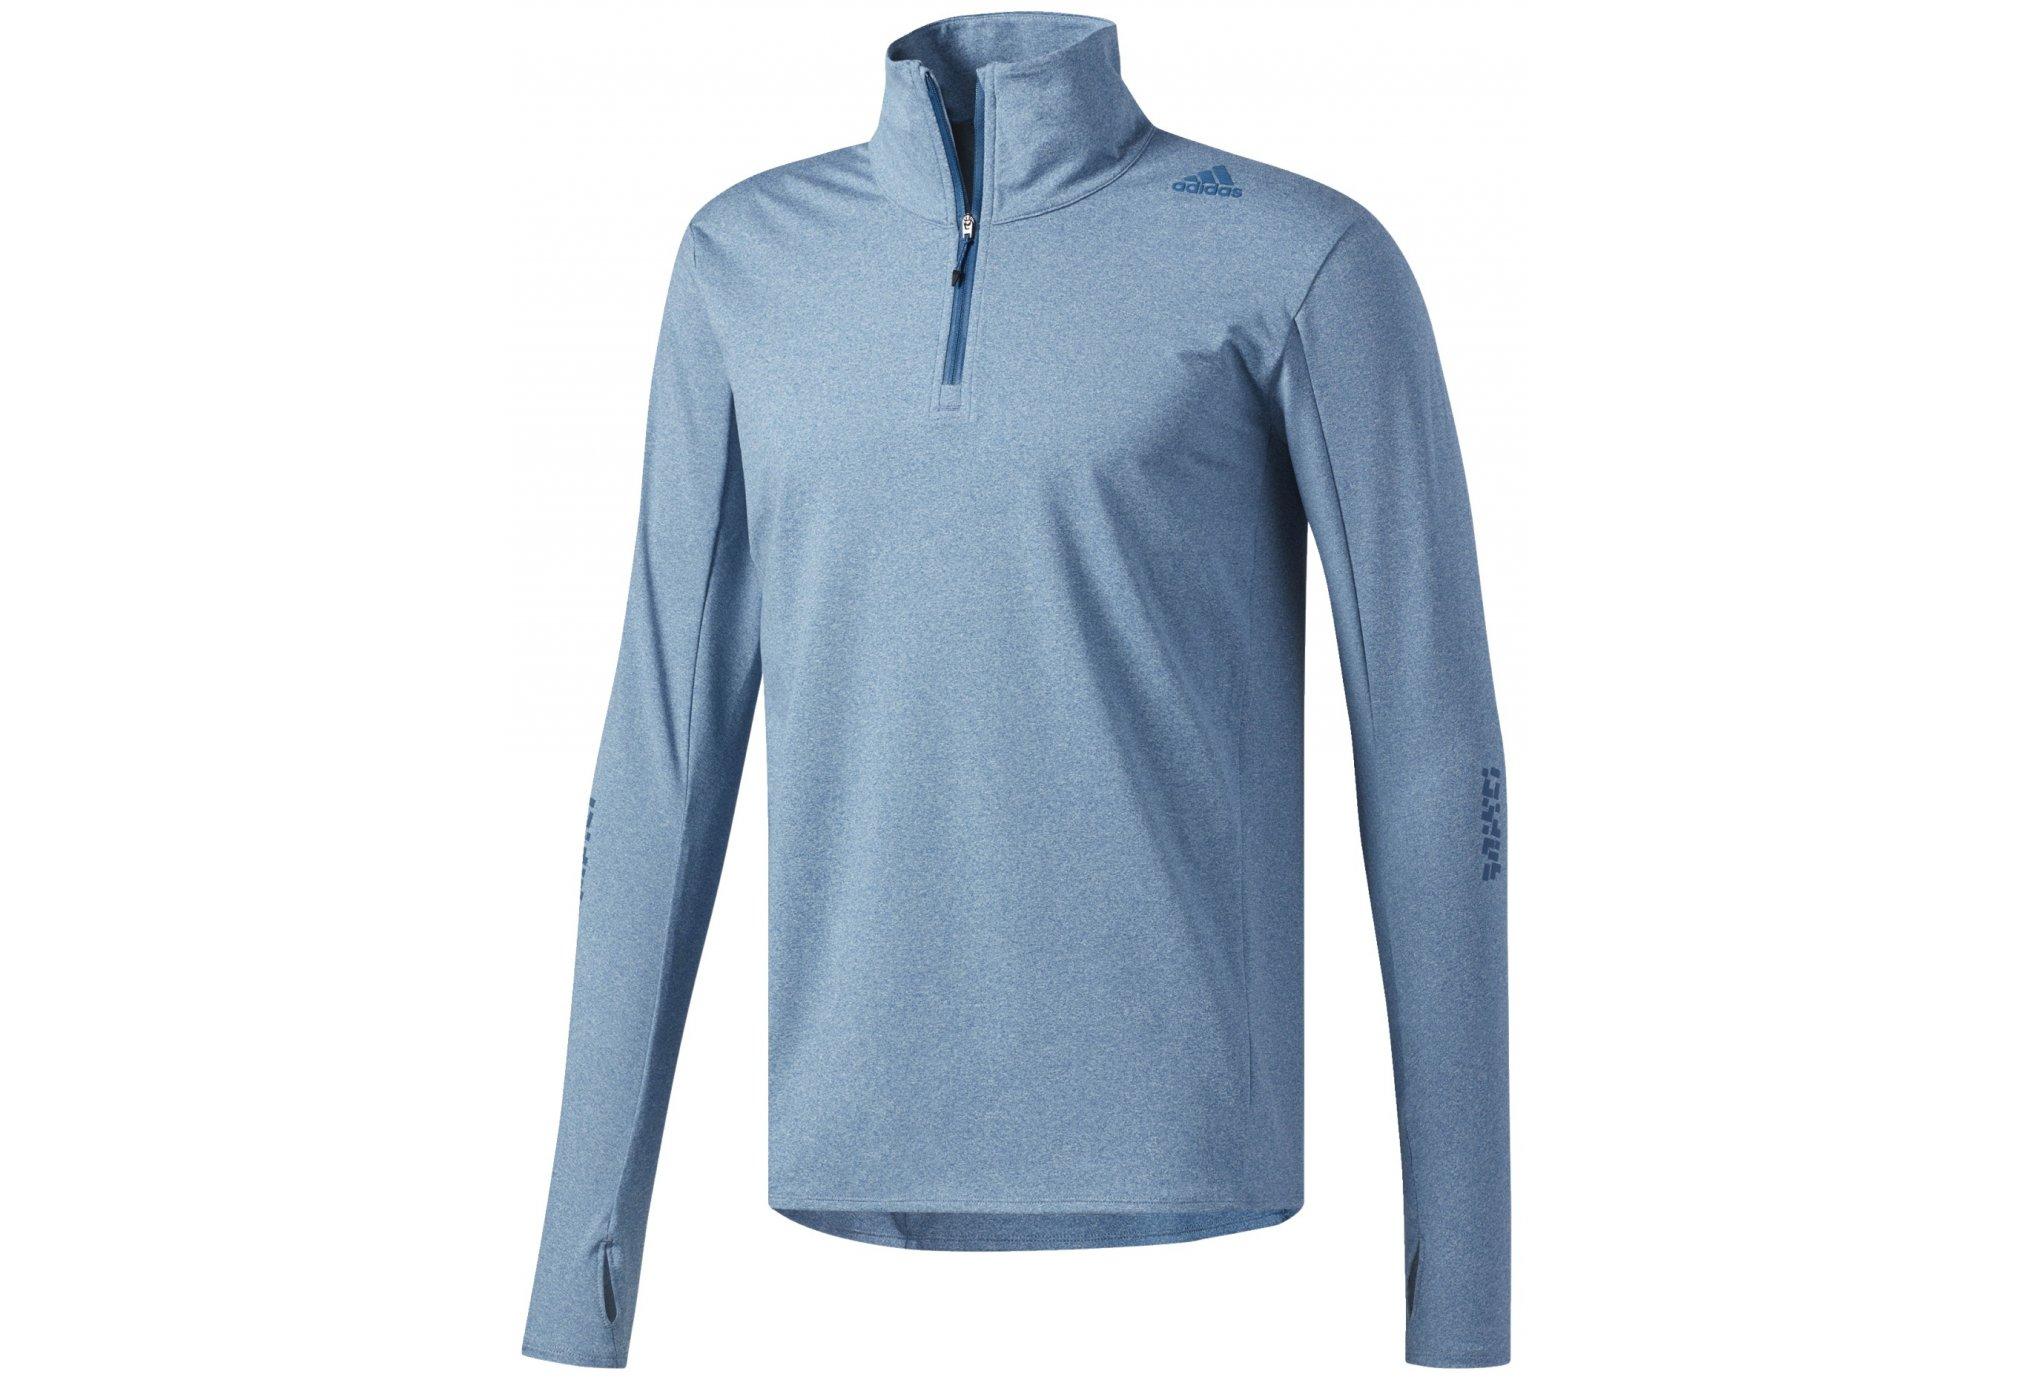 Adidas Supernova 1/2 zip m vêtement running homme